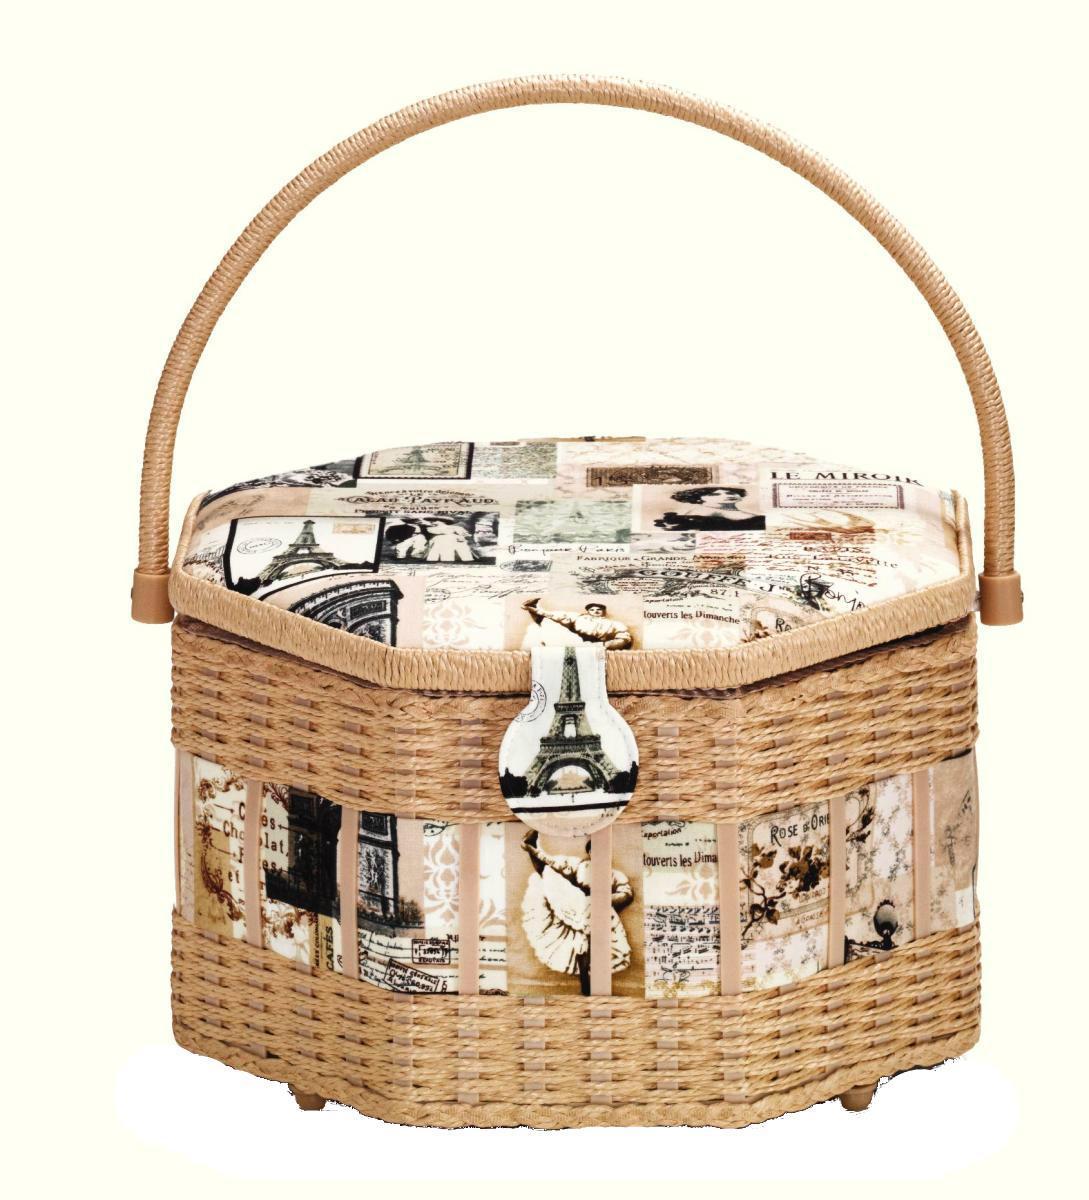 Шкатулка для рукоделия Vintage, 30,5 см х 30,5 см х 19 см612285Шкатулка для рукоделия Vintage , станет чудесным подарком для рукодельницы. Порадуйте женщин незаменимой шкатулкой Vintage от производителя Prym.